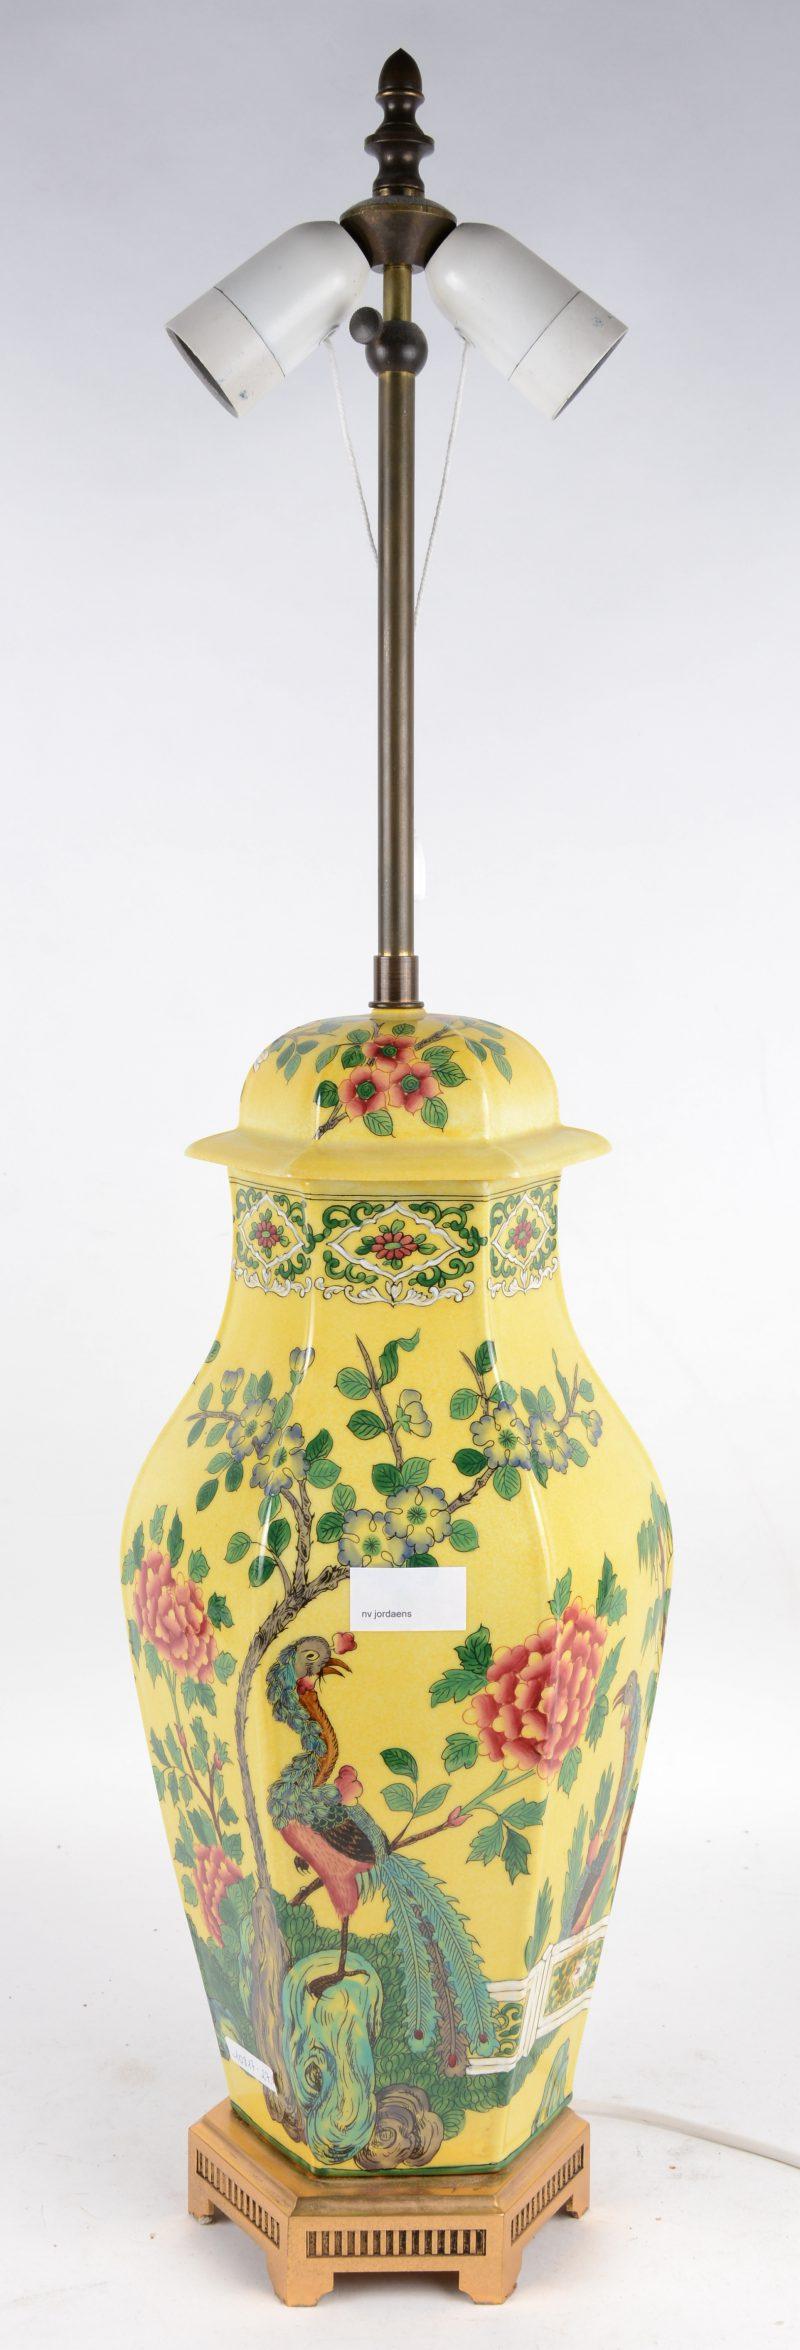 Een zeshoekige lampenvoet van Chinees porselein met een meerkleurig decor van pauwen en bloesems op gele achtergrond.